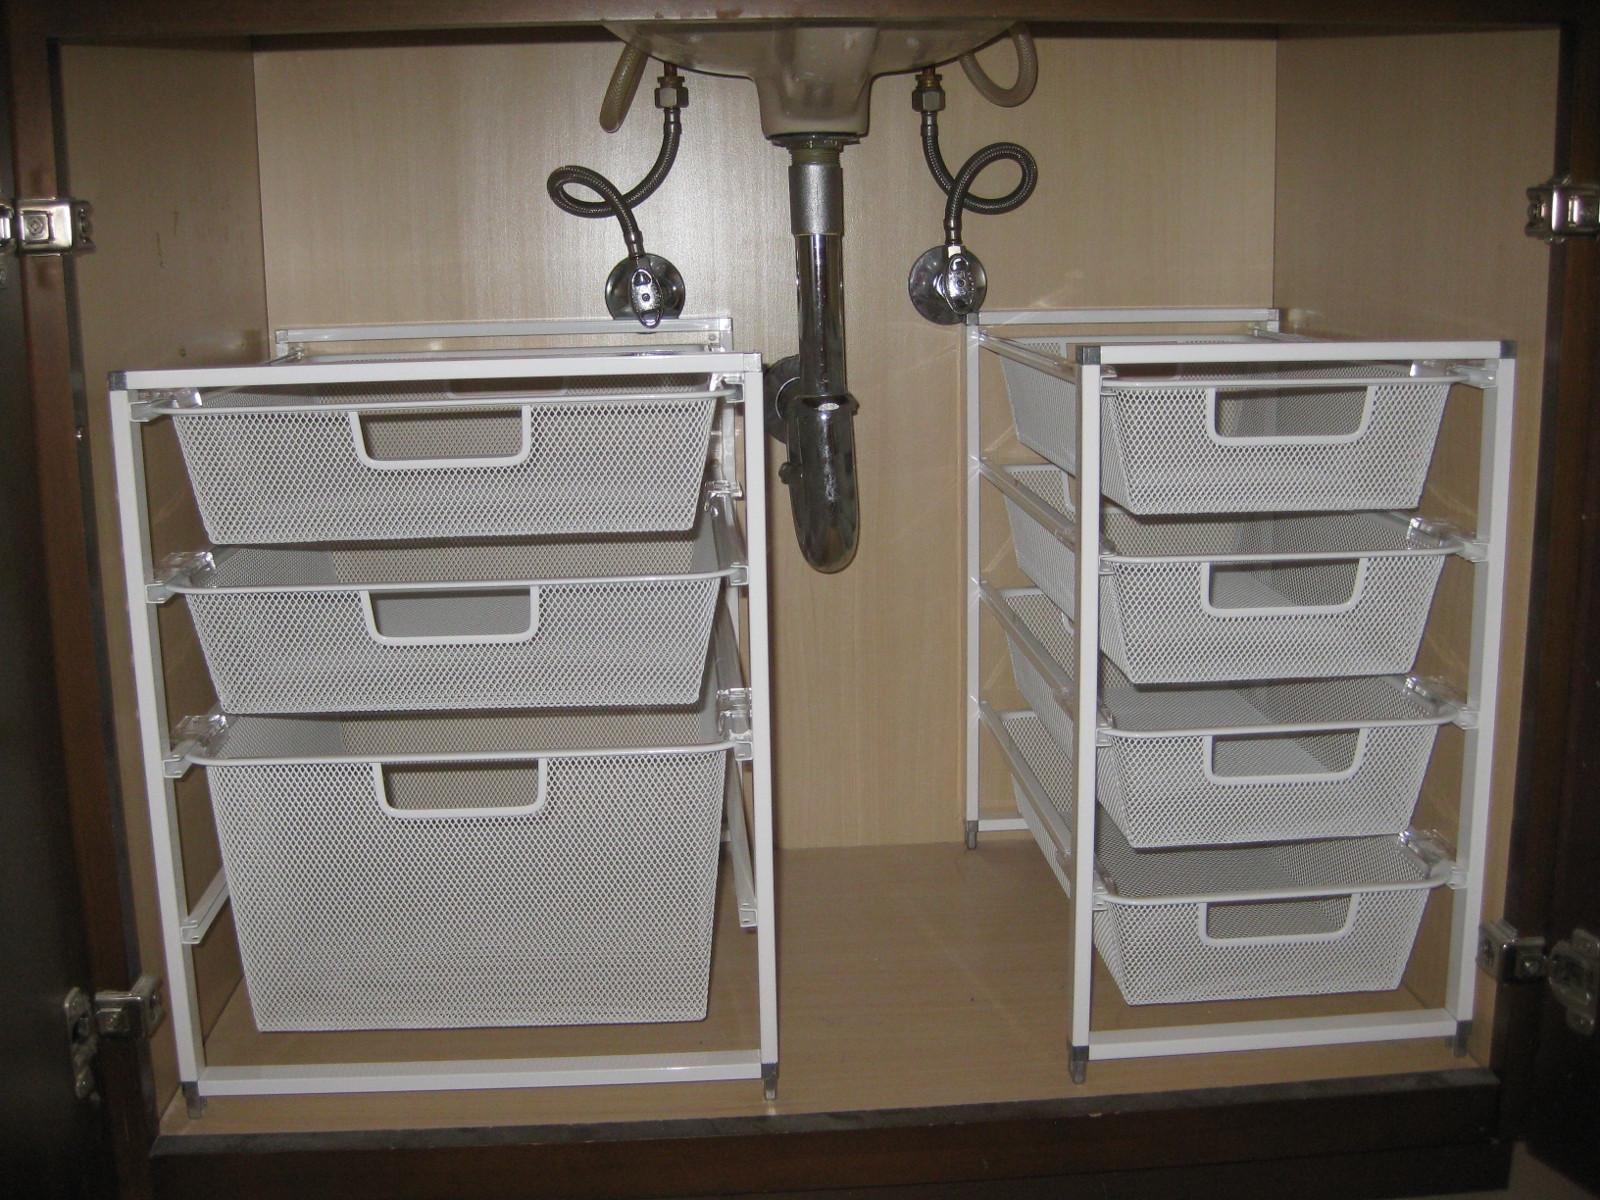 Best ideas about Bathroom Sink Organizer . Save or Pin Under the sink organization – pleia2 s blog Now.